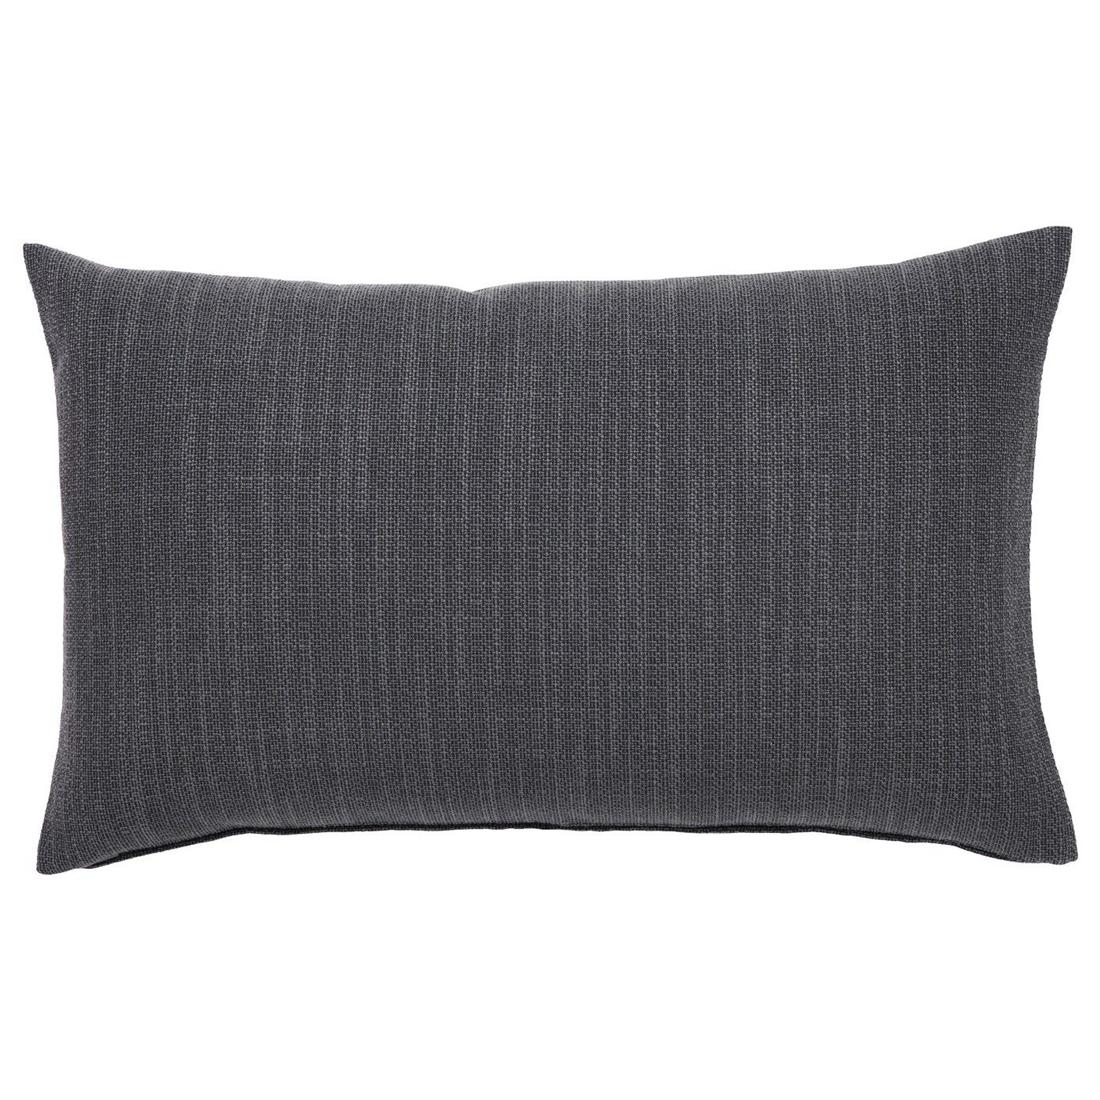 Чехол на подушку, антрацит, 40x65 см ХИЛЛАРЕД [703.701.68] 703.701.68